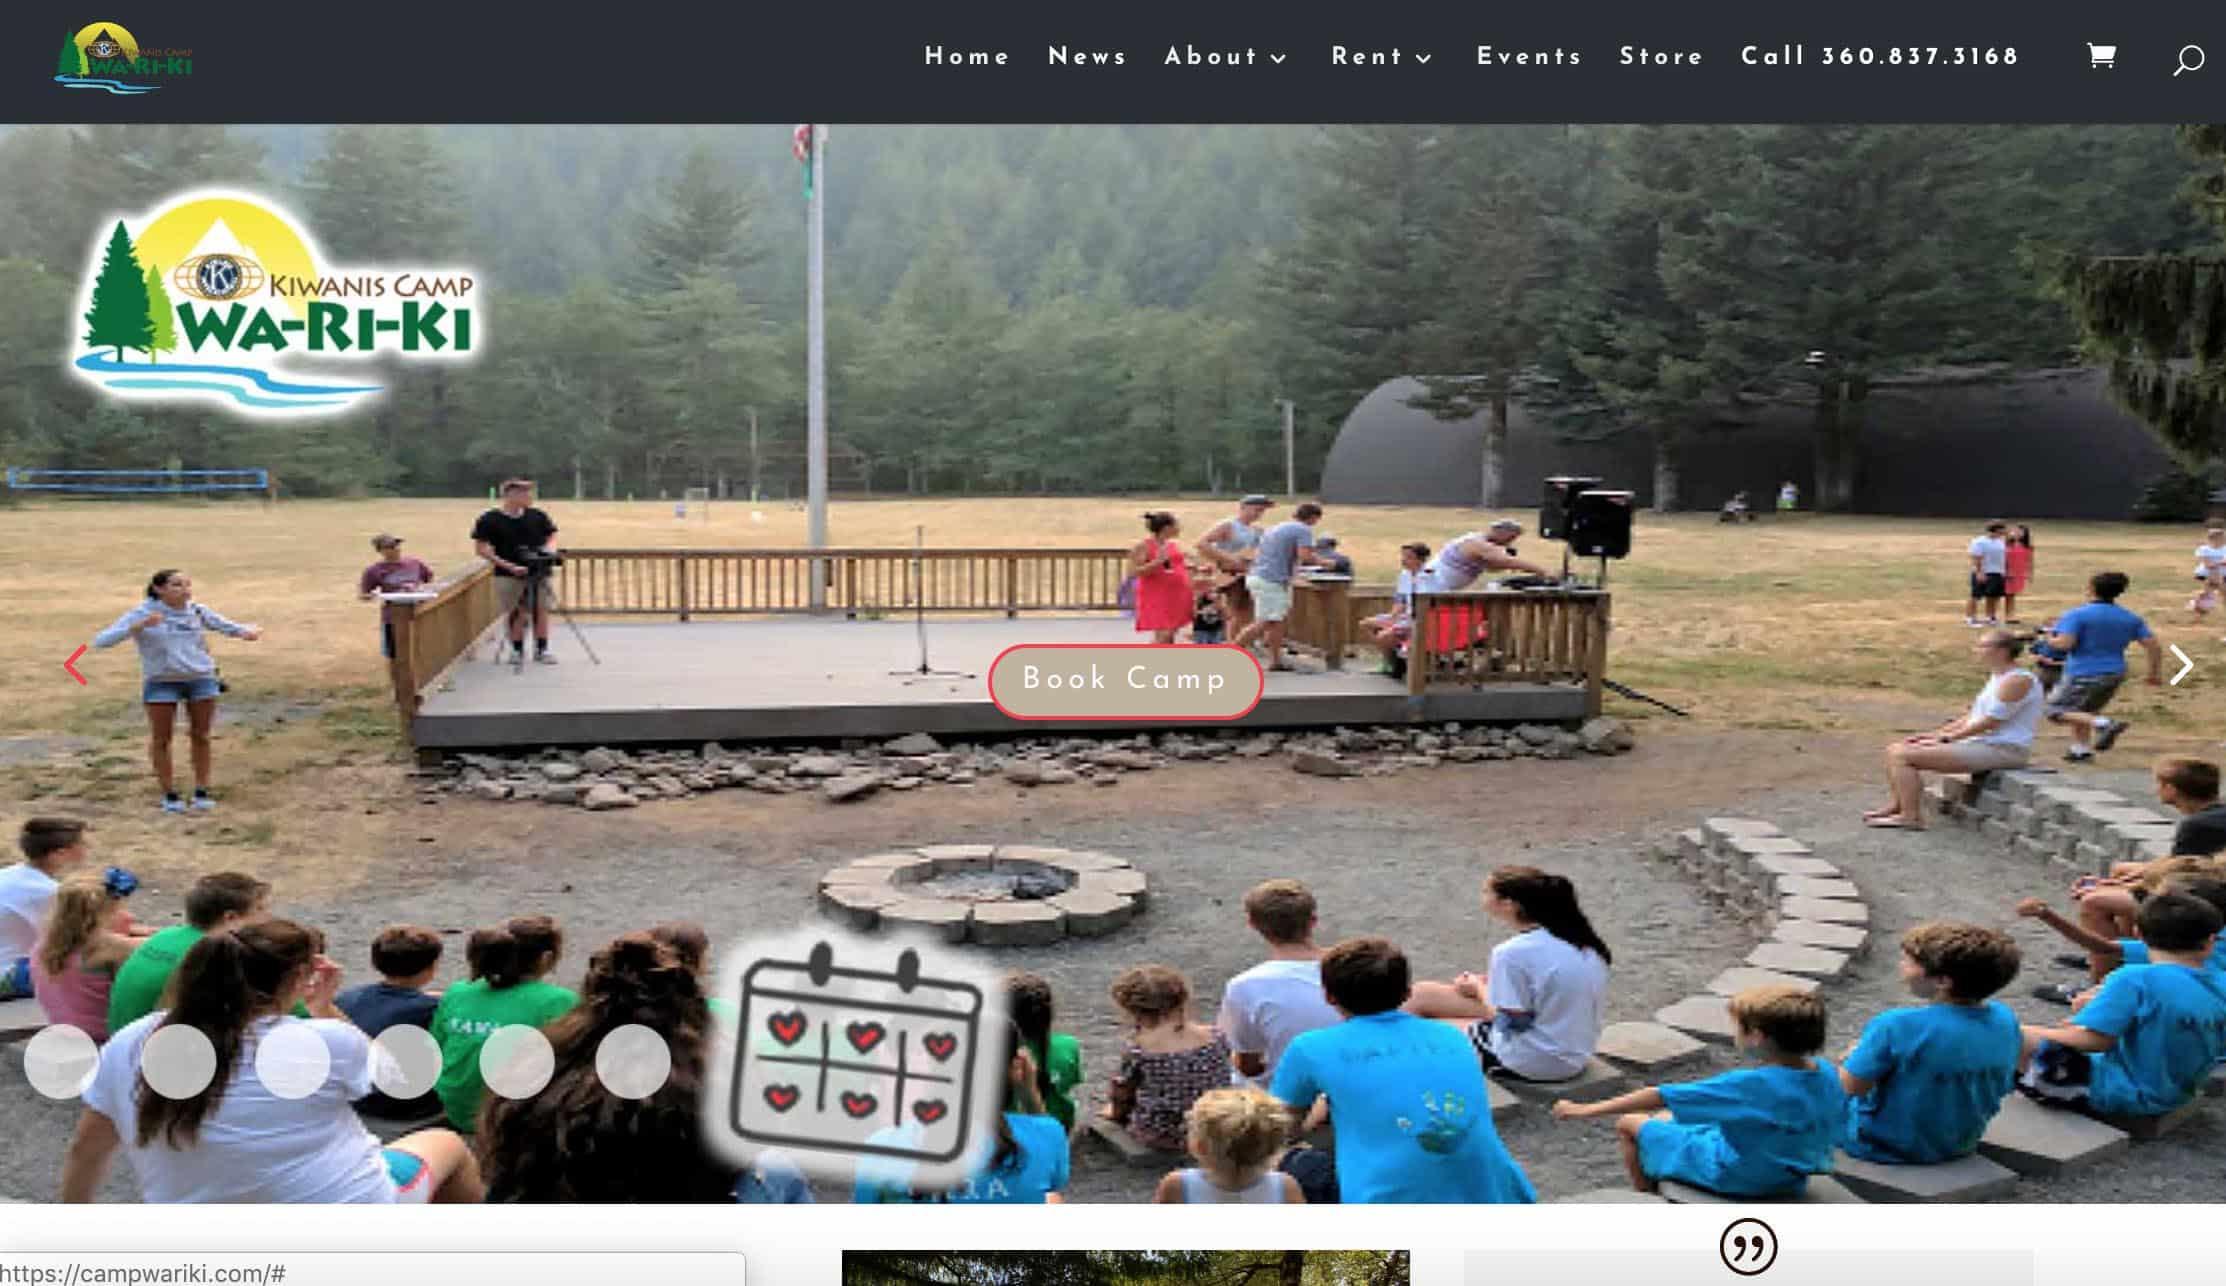 Camp Wa-Ri-Ki Pro Site by Webdirexion